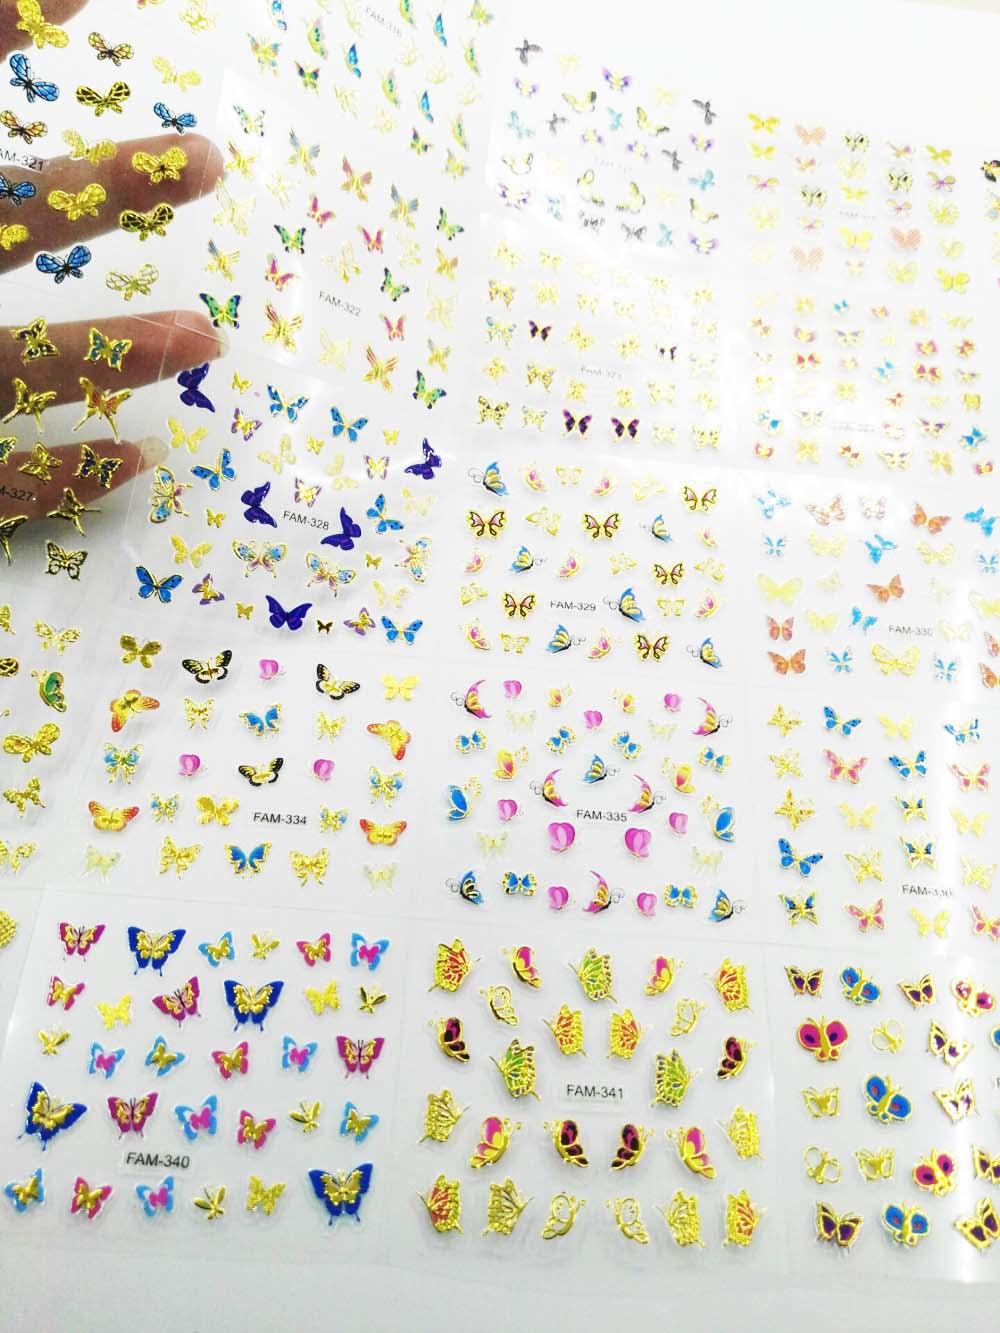 30 pçs/lote 30 Folhas Golutterfly/Multi-Cor Projetado Nail Sticker Art Dica DIY Adesivo Decalque Selo 3D Prego art Sticker Decoração